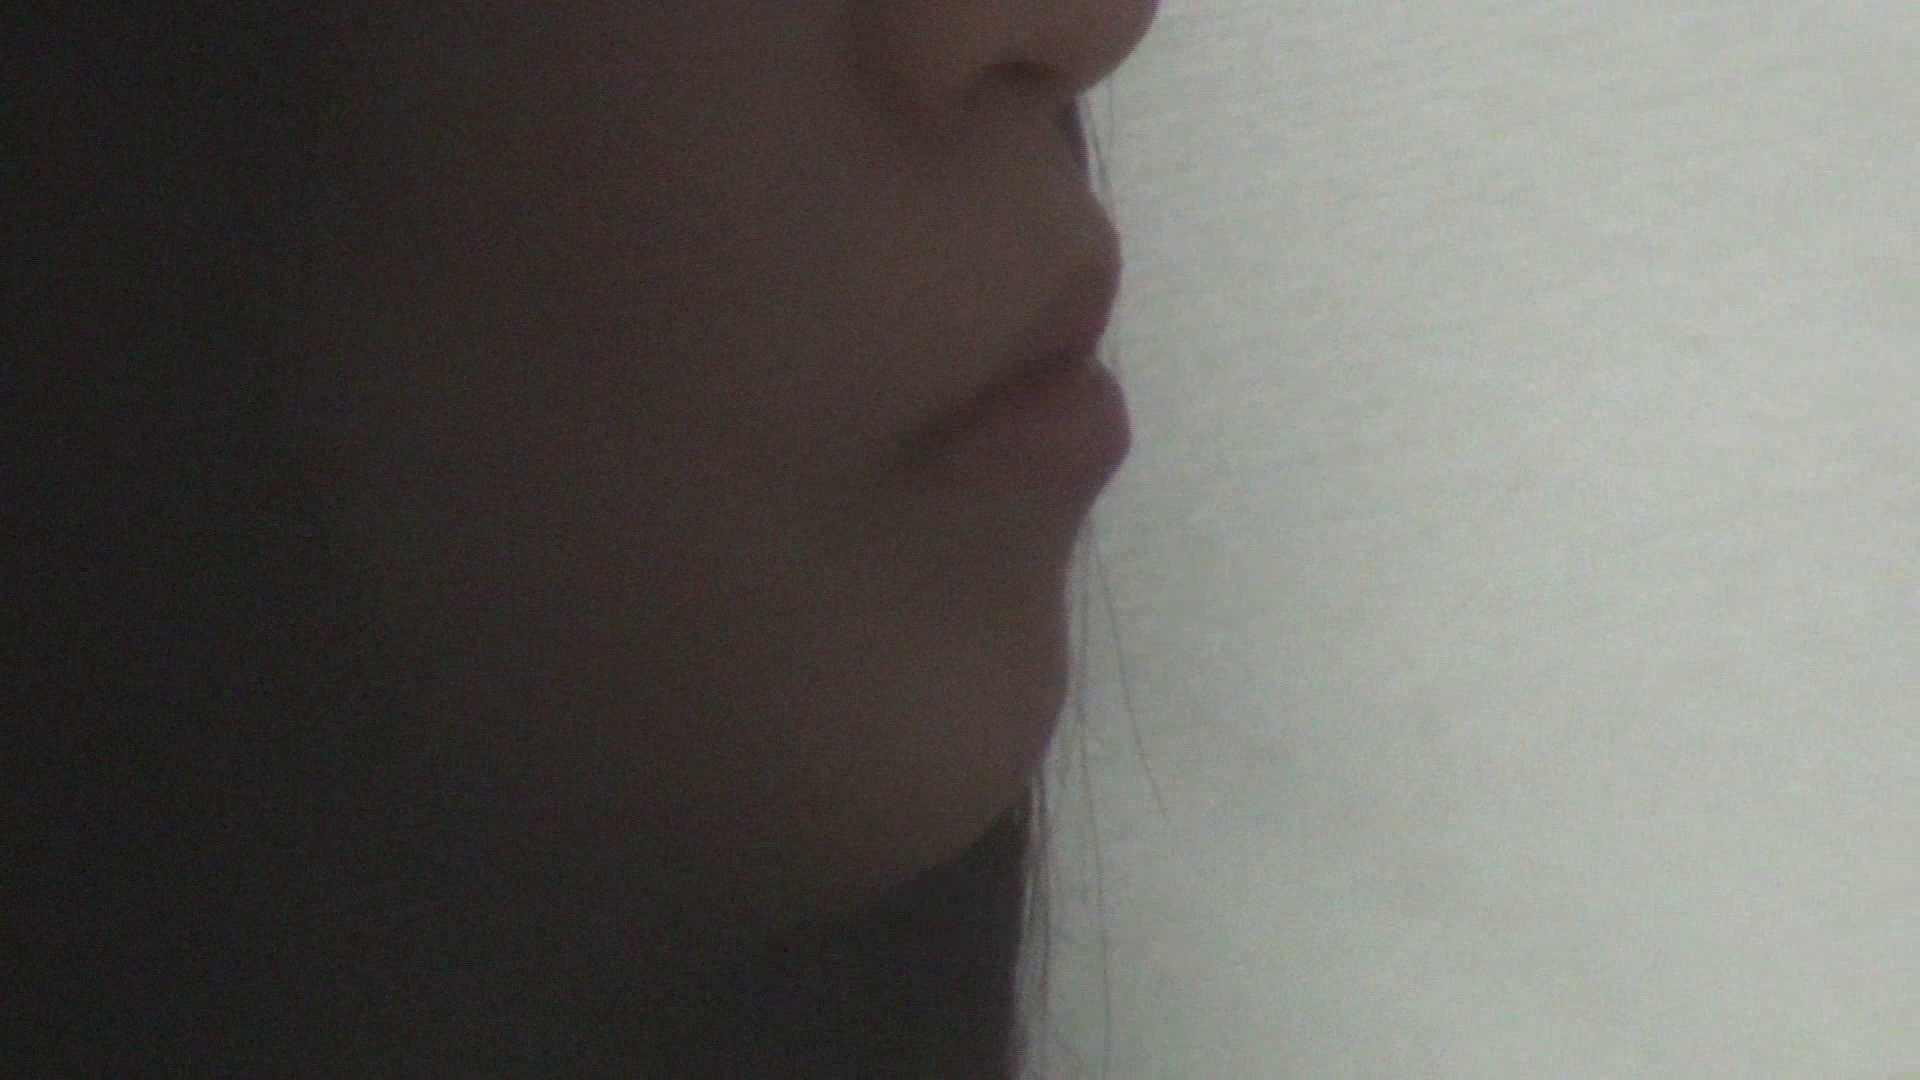 【05】仕事が忙しくて・・・久しぶりにベランダで待ち伏せ 盗撮師作品 ワレメ無修正動画無料 94pic 92